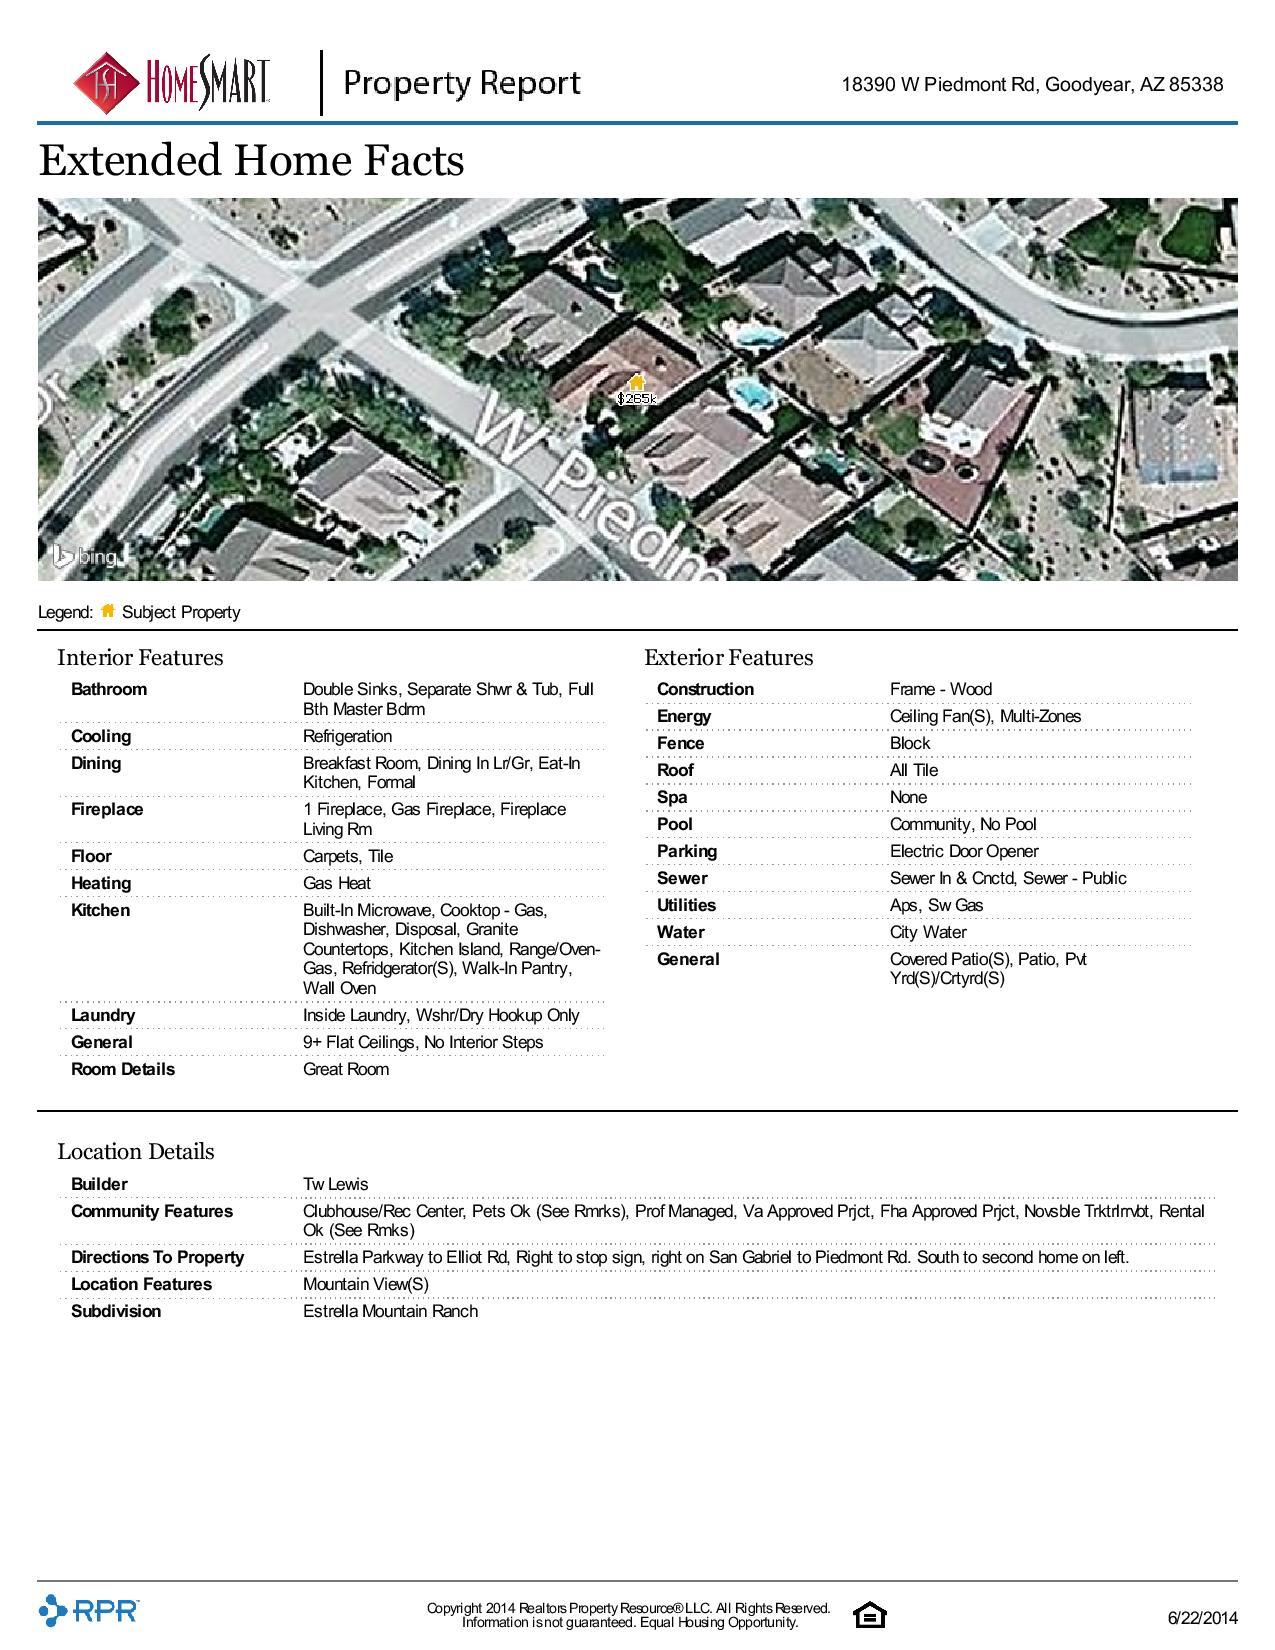 18390-W-Piedmont-Rd-Goodyear-AZ-85338-page-004